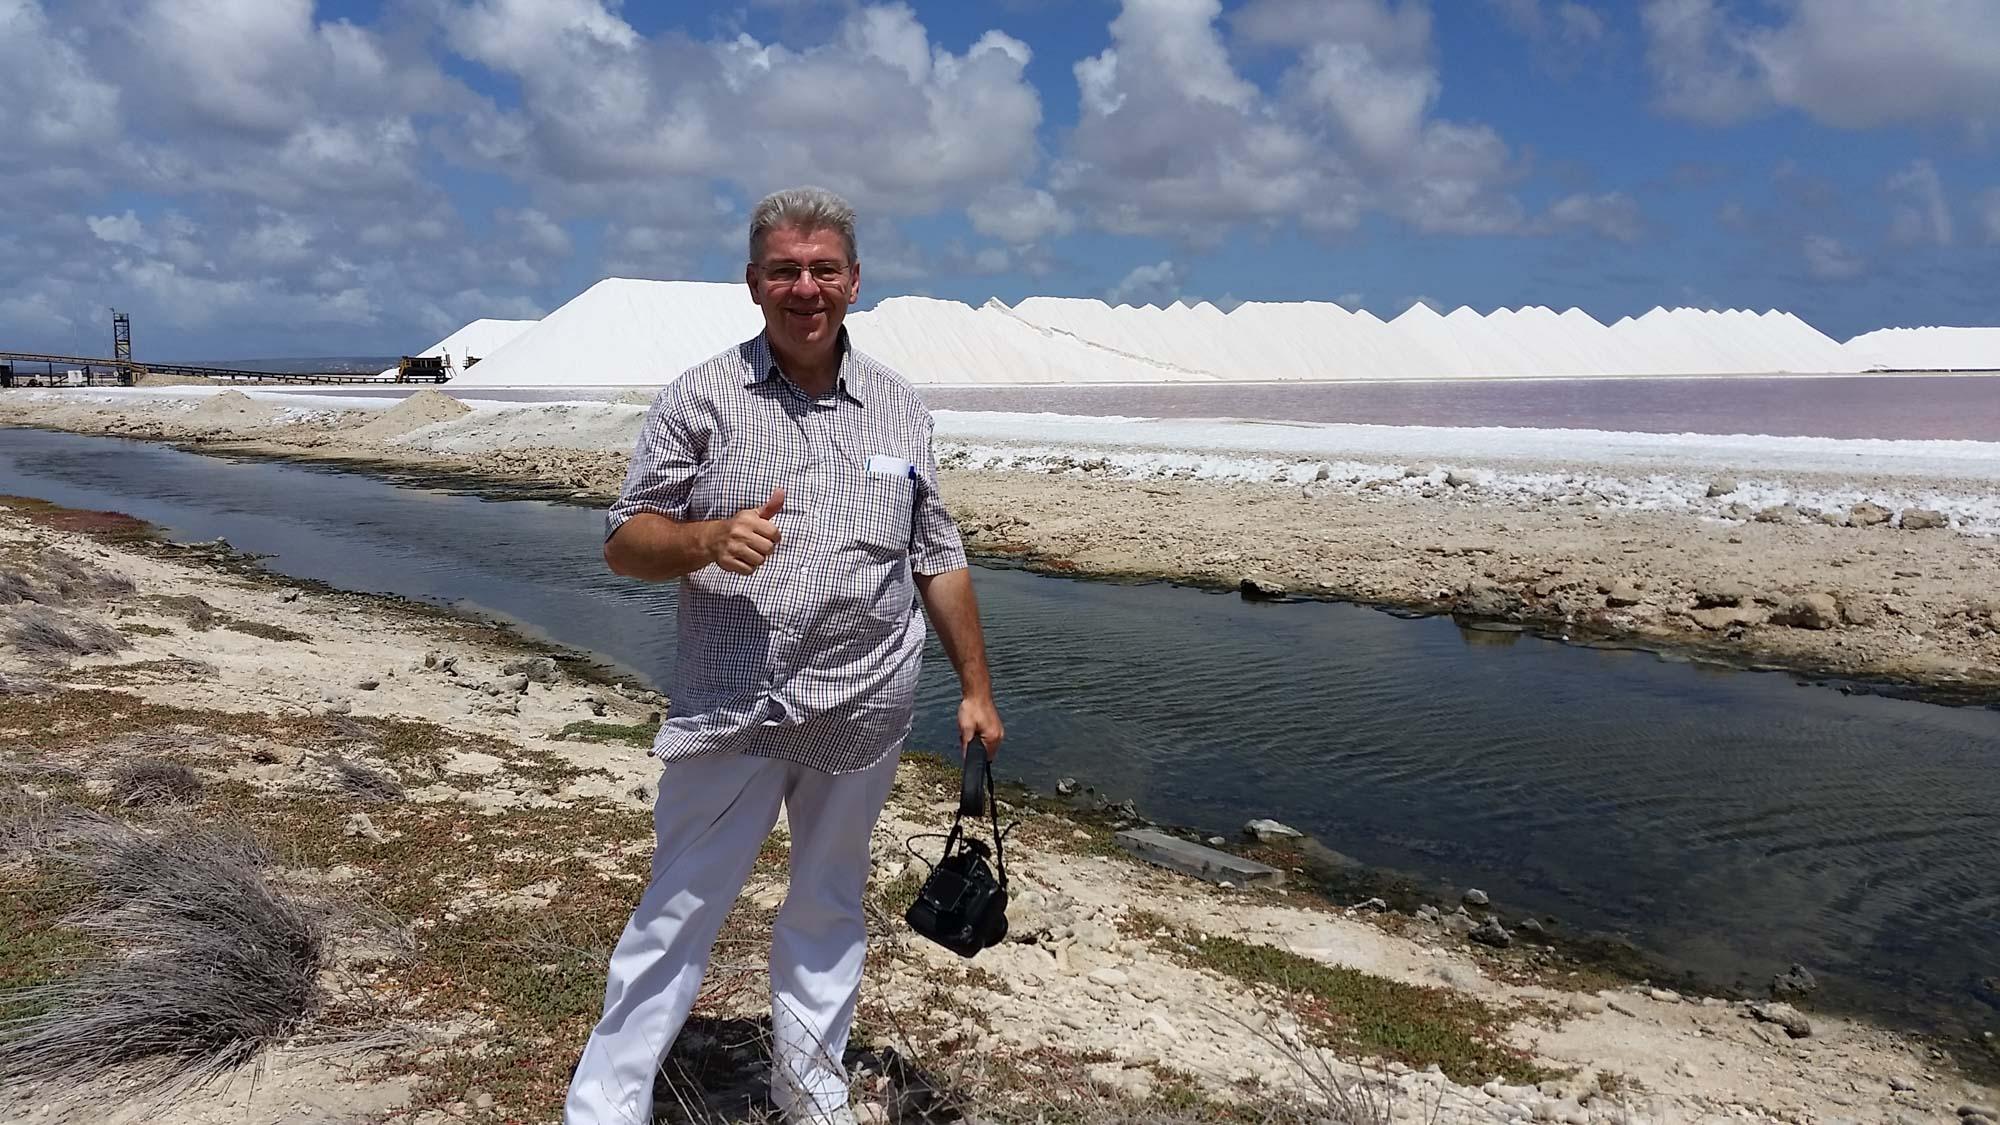 Peter Jurgilewitsch vor einer Saline auf Bonaire auf den Niederländischen Atillen